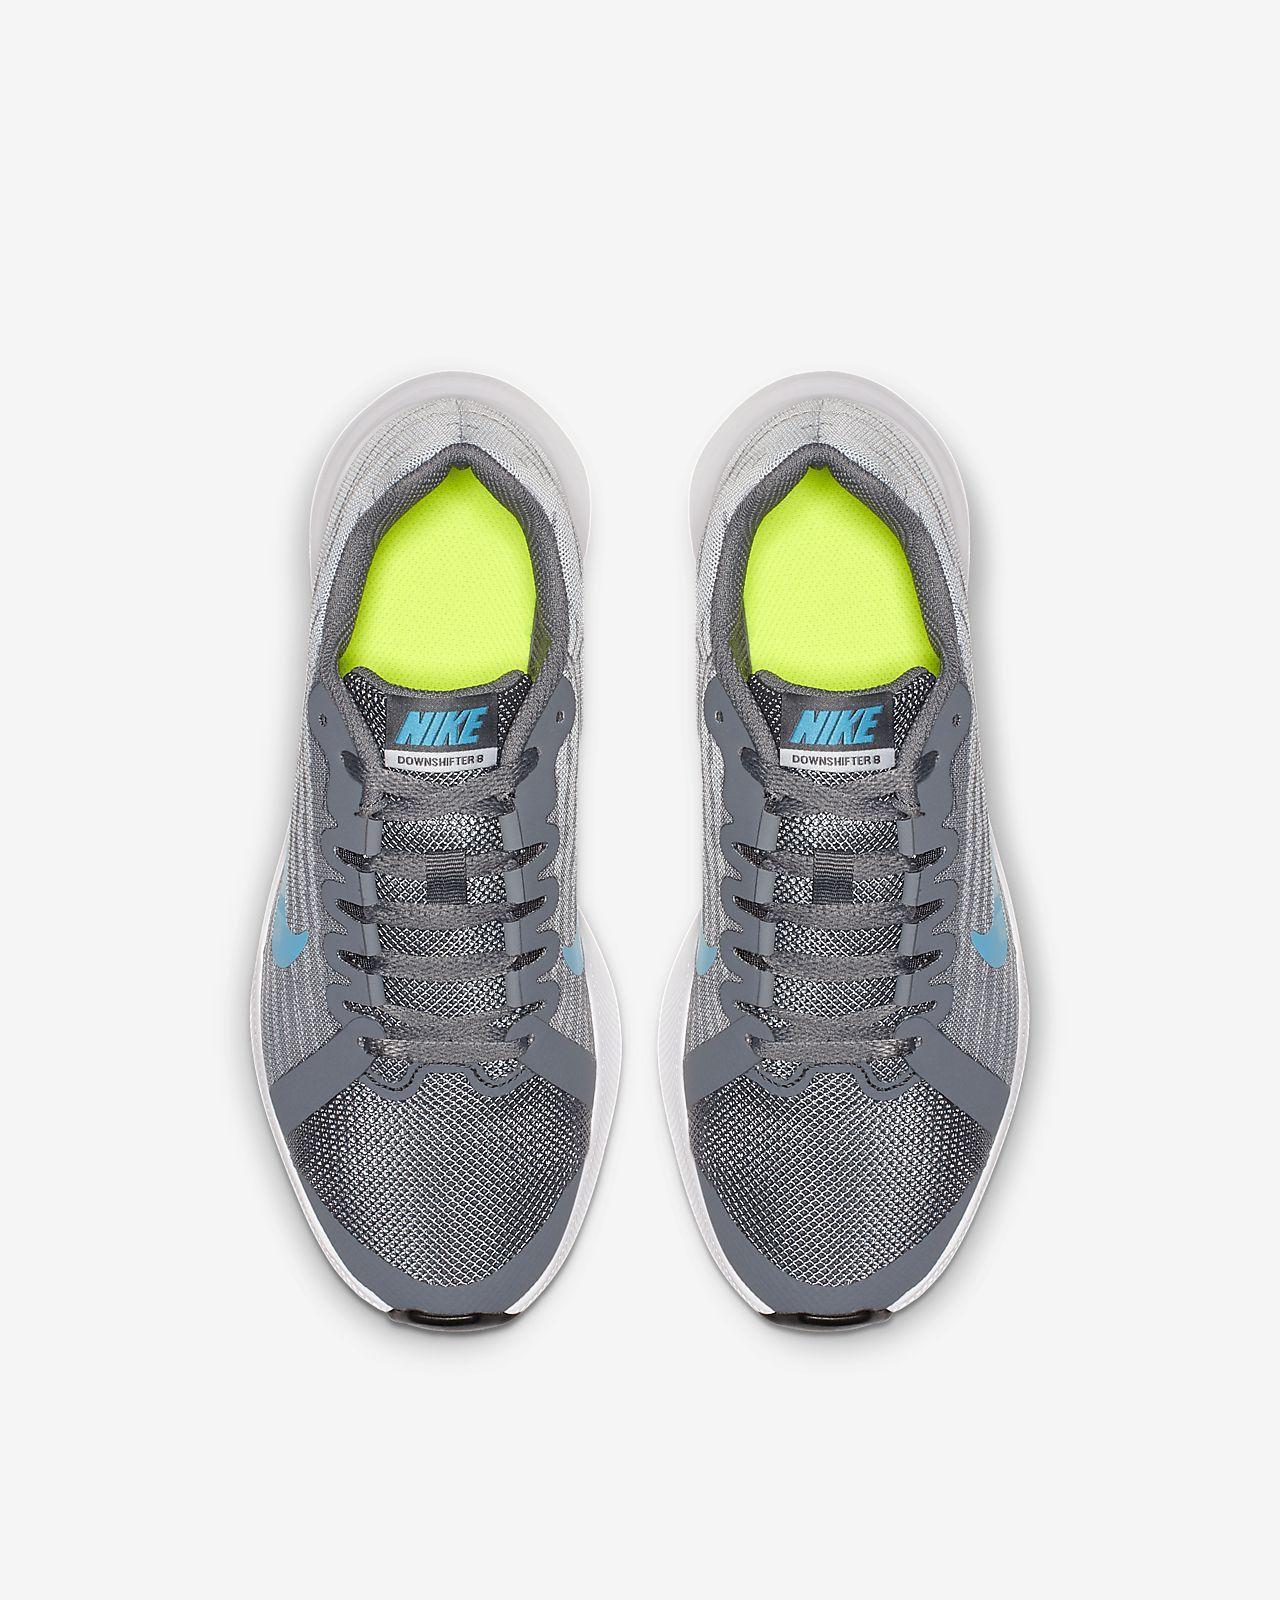 a7348fe9 ... Беговые кроссовки для мальчиков школьного возраста Nike Downshifter 8